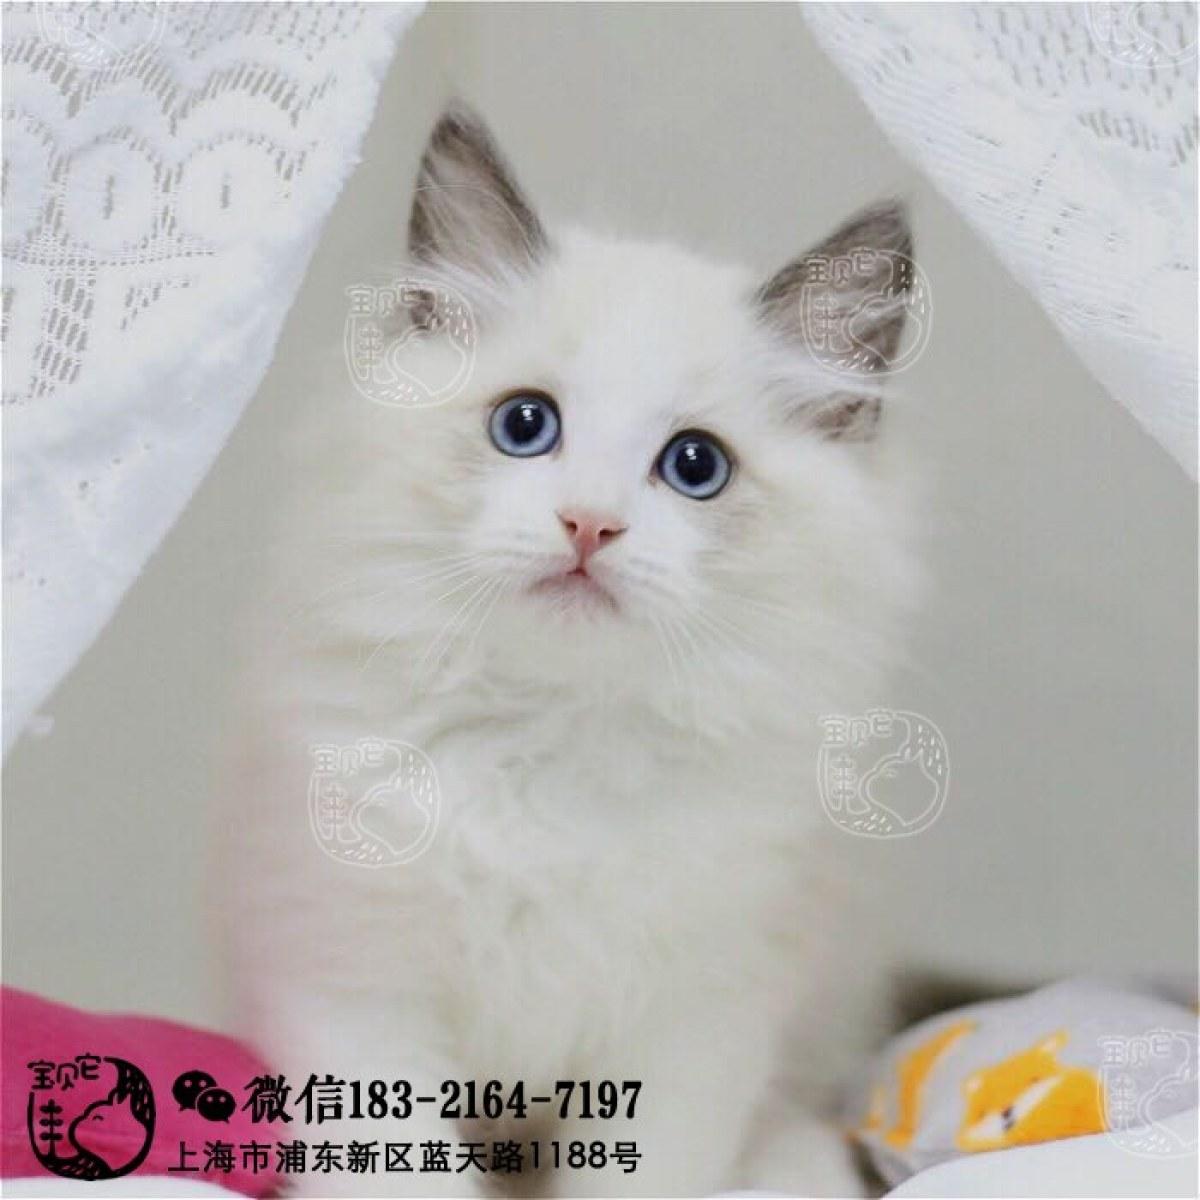 猫咪 布偶 id: 10199200